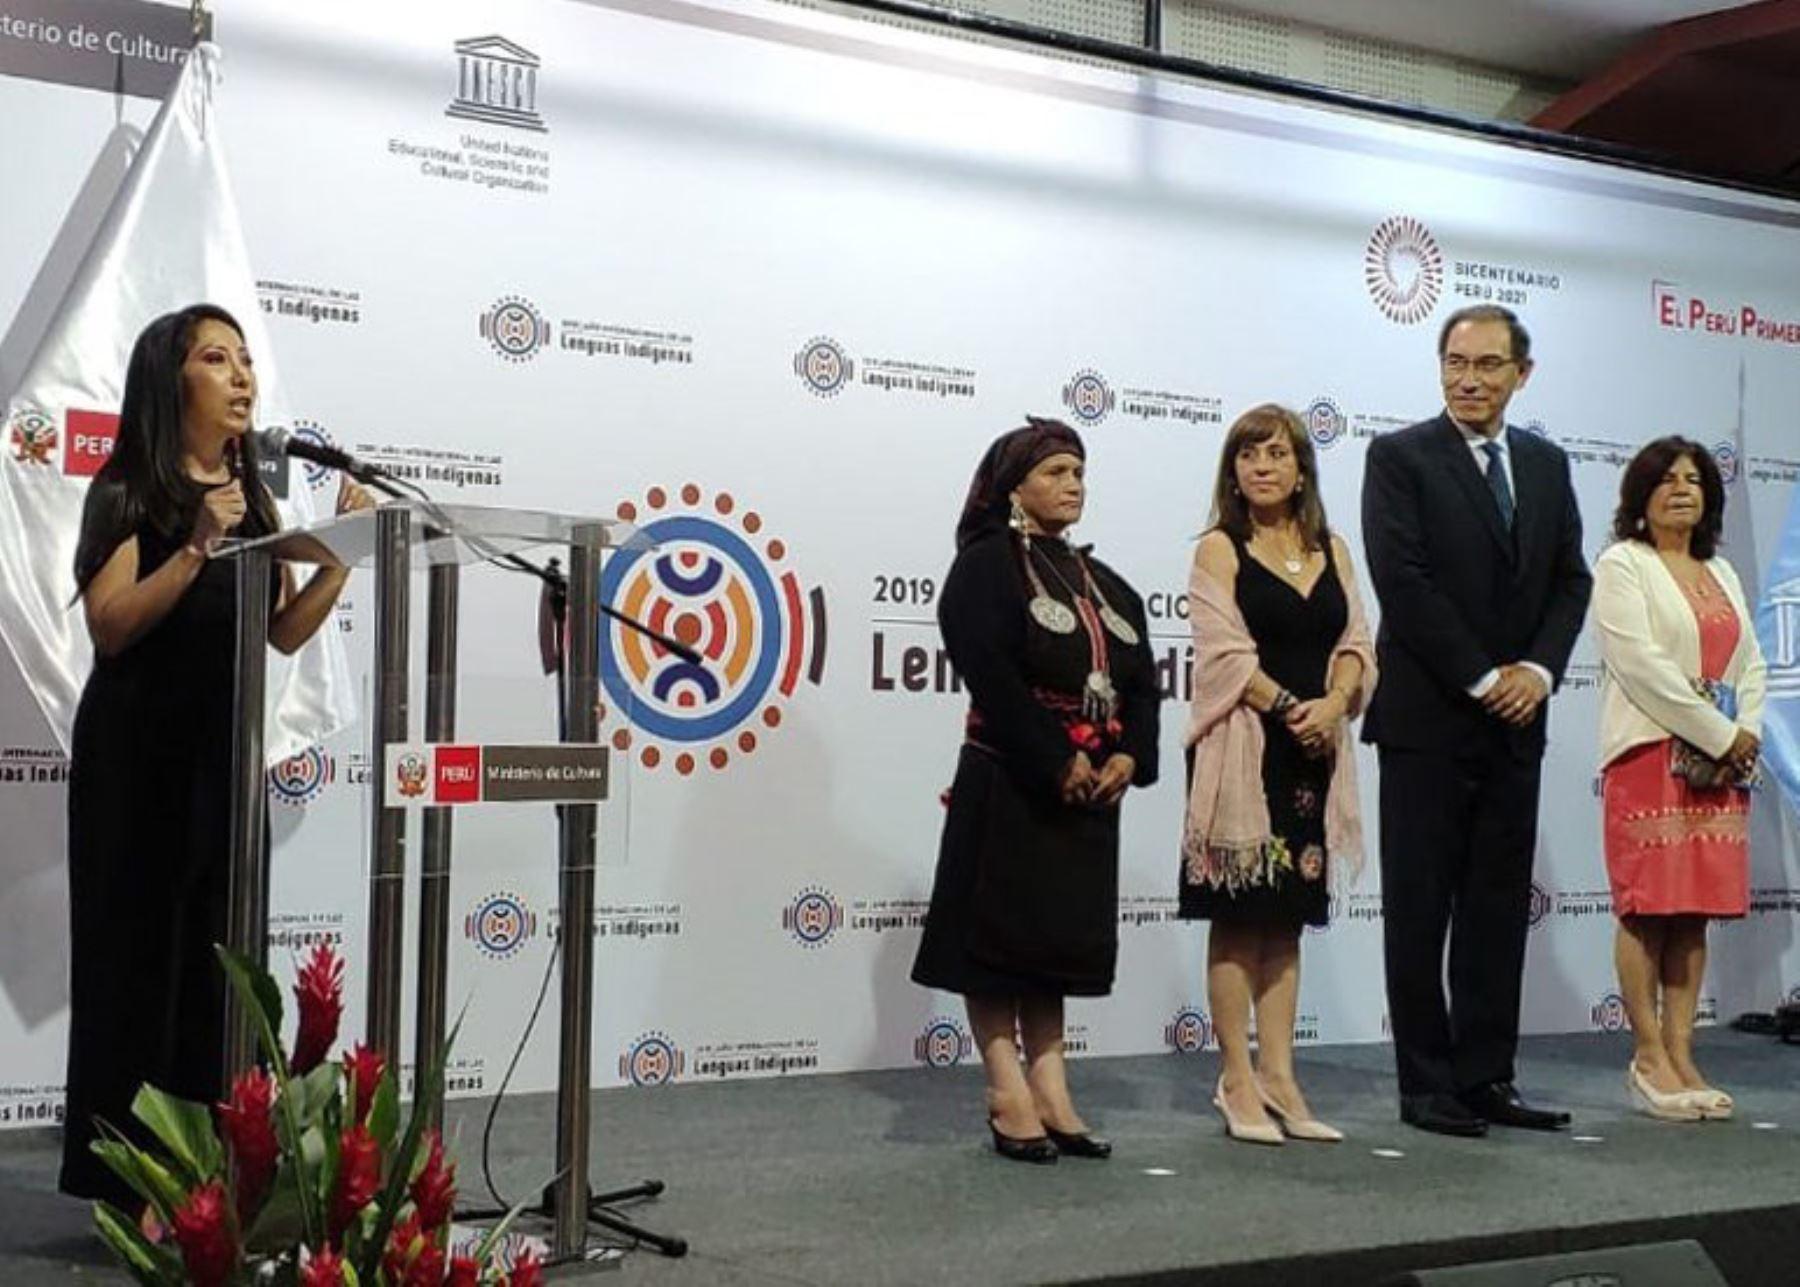 Presidente Martín Vizcarra participa en lanzamiento del Año Internacional de las Lenguas Indígenas.